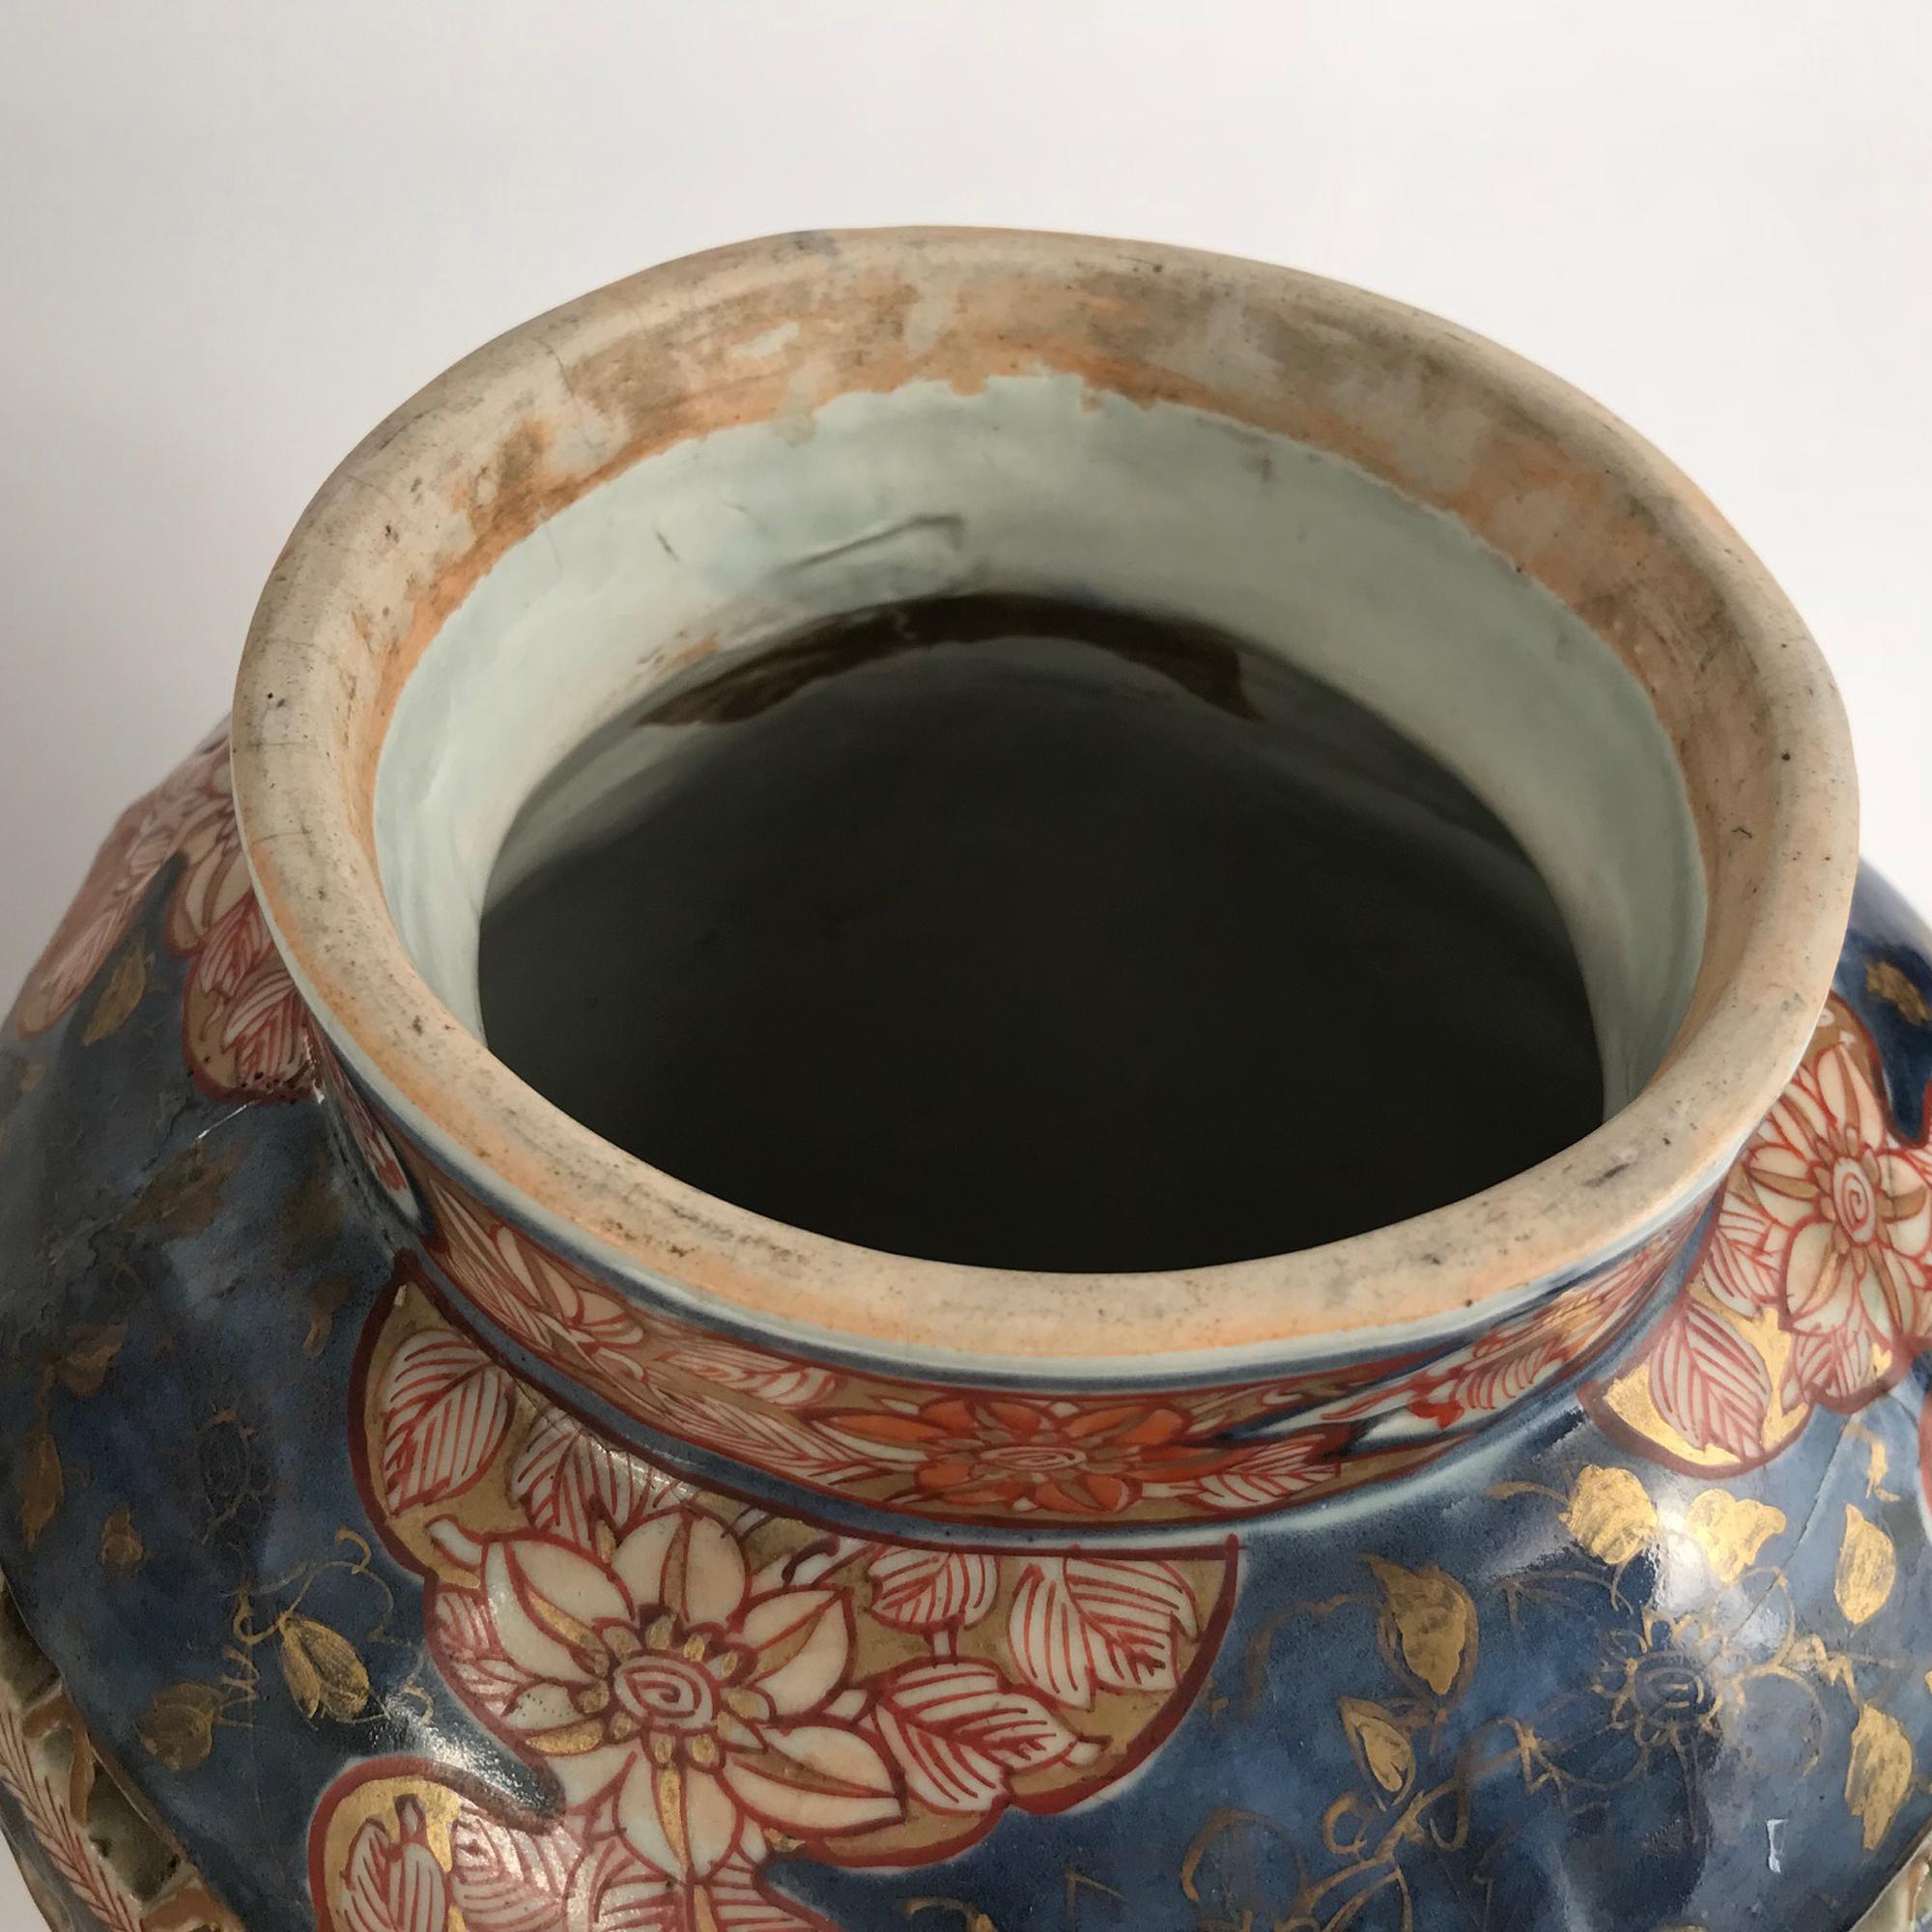 Paire de vases en porcelaine d'Arita, Japon époque Edo, circa 1664-1700